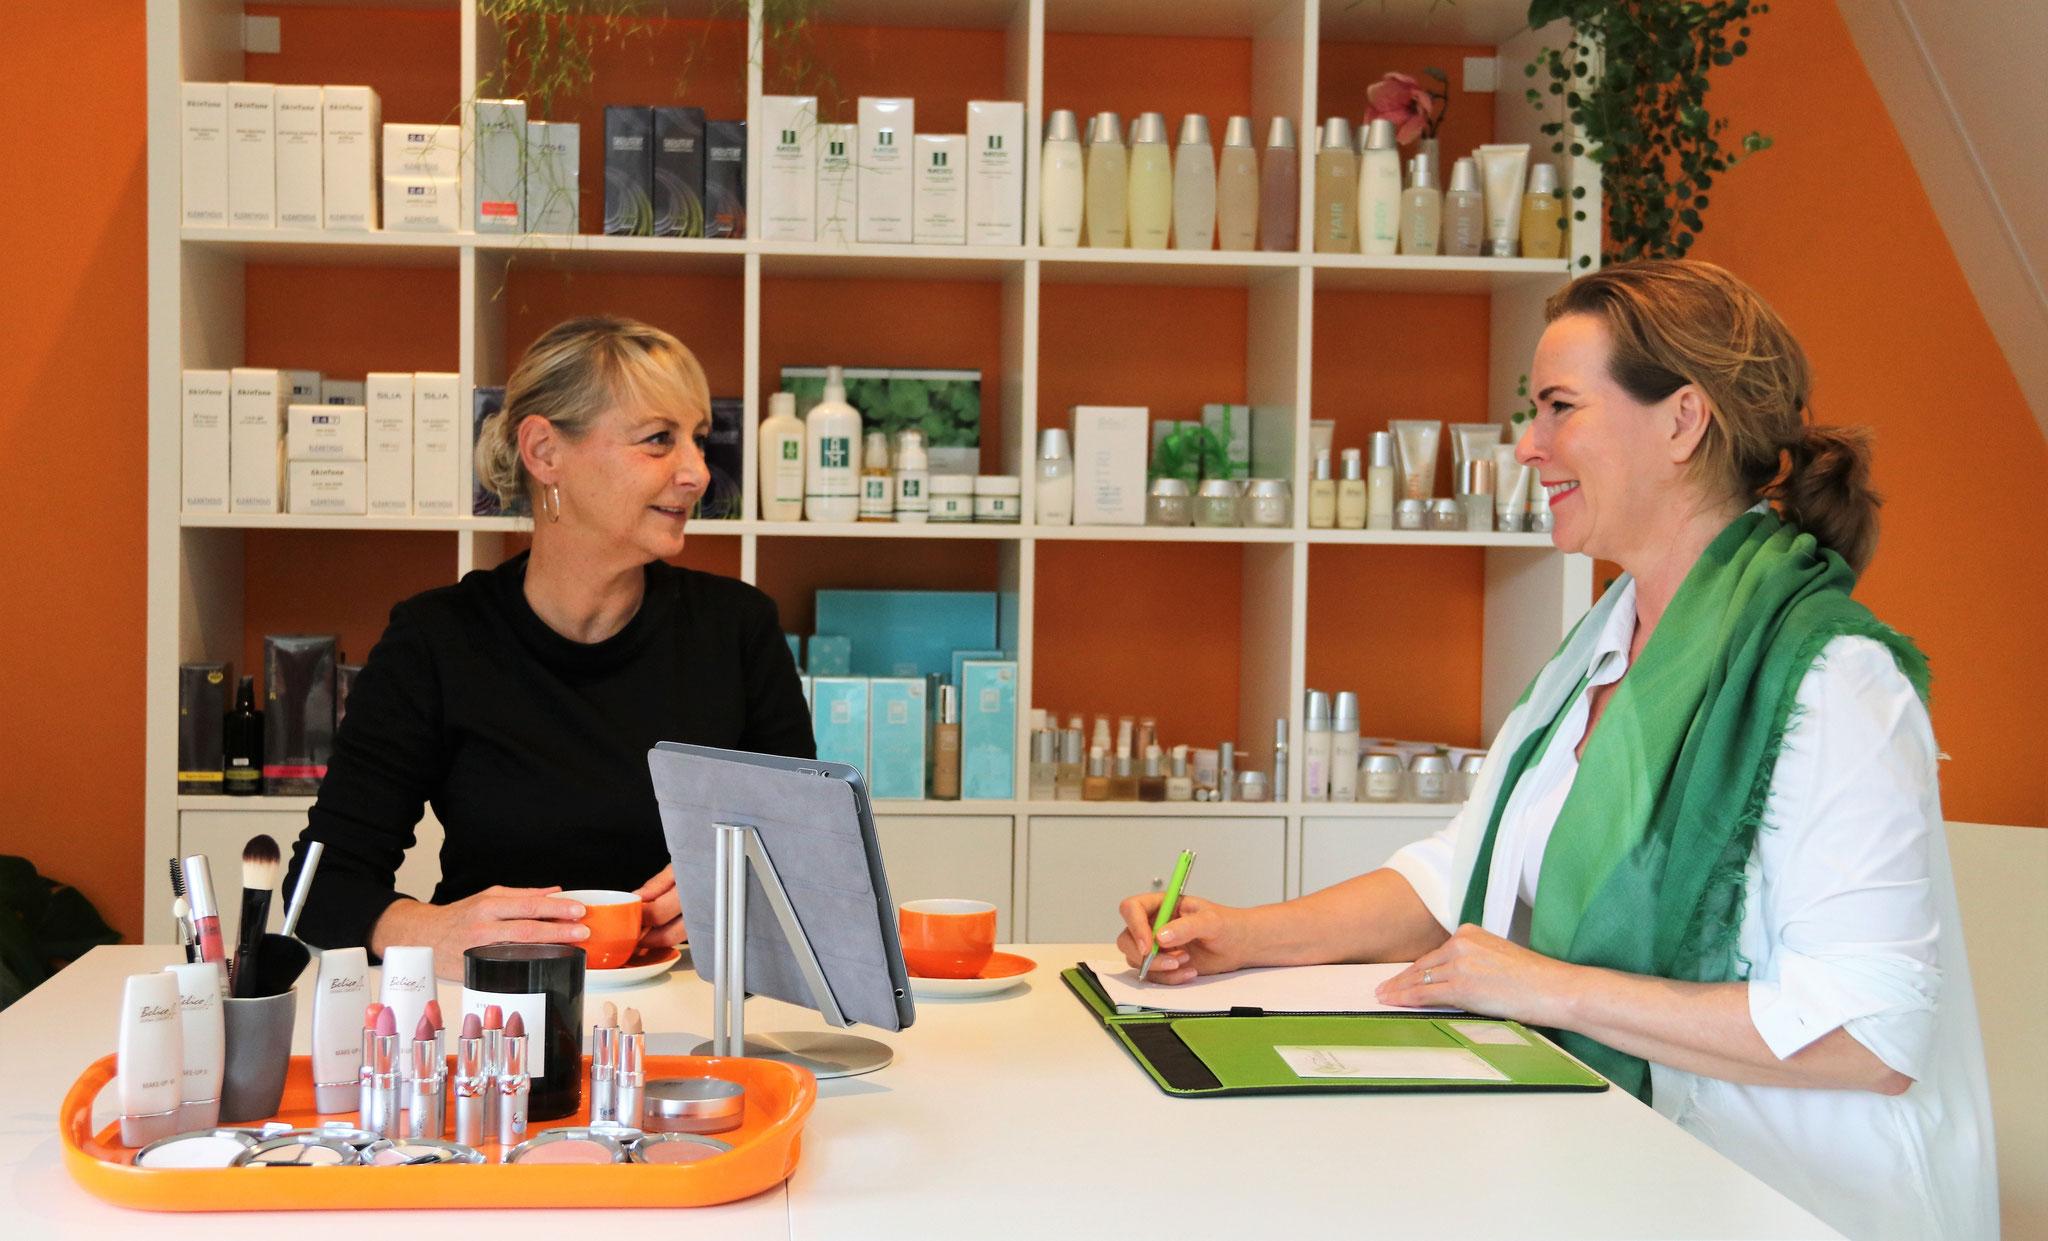 Welke verzorgingsproducten zijn het beste voor je huid?